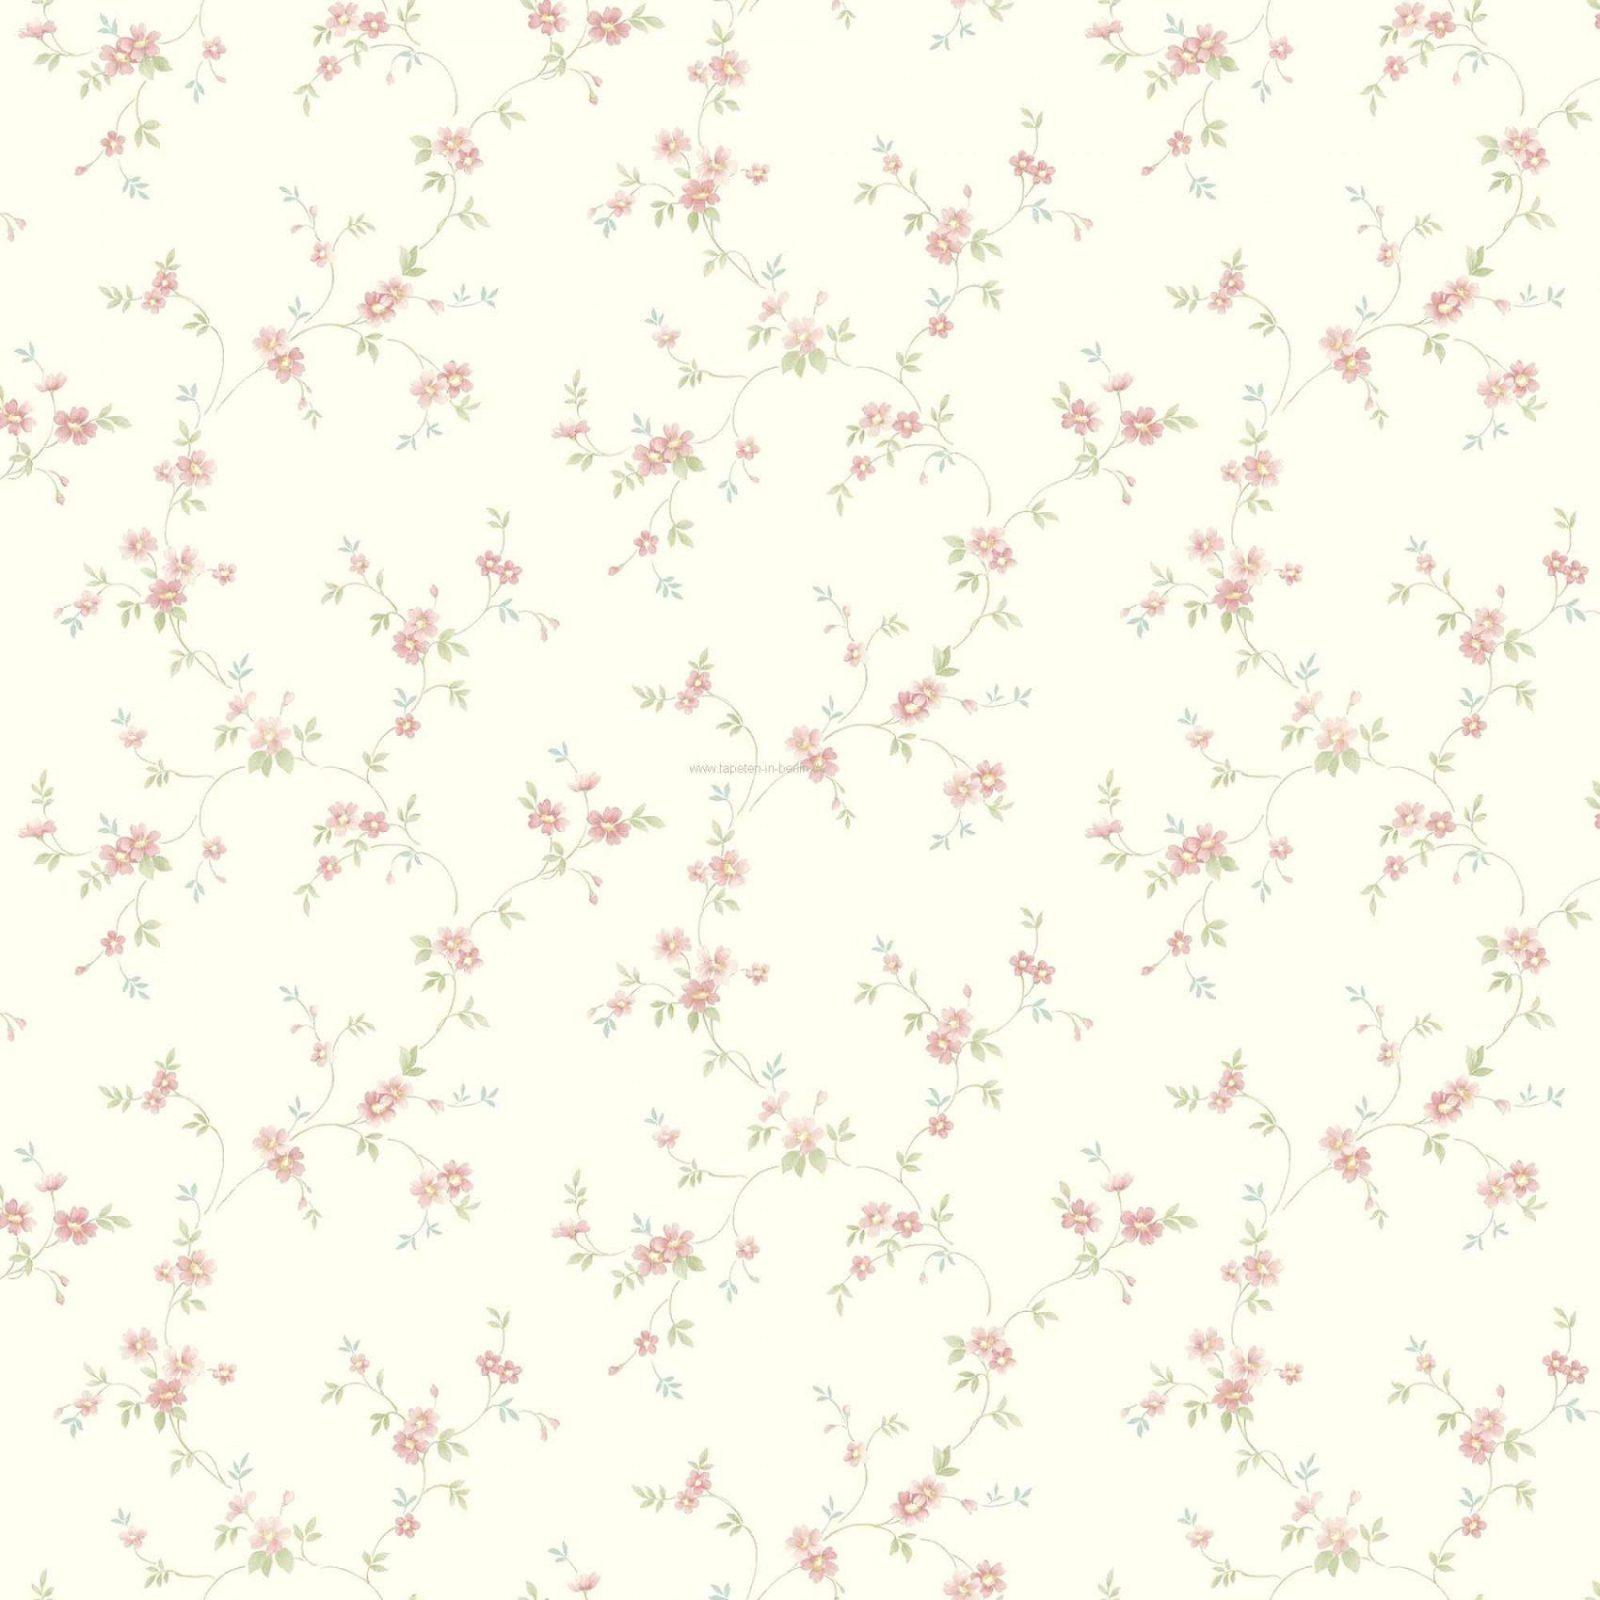 Wunderschöne Inspiration Tapete Blümchen Landhausstil Und Brillant von Tapete Landhaus Floral Blümchen Bild